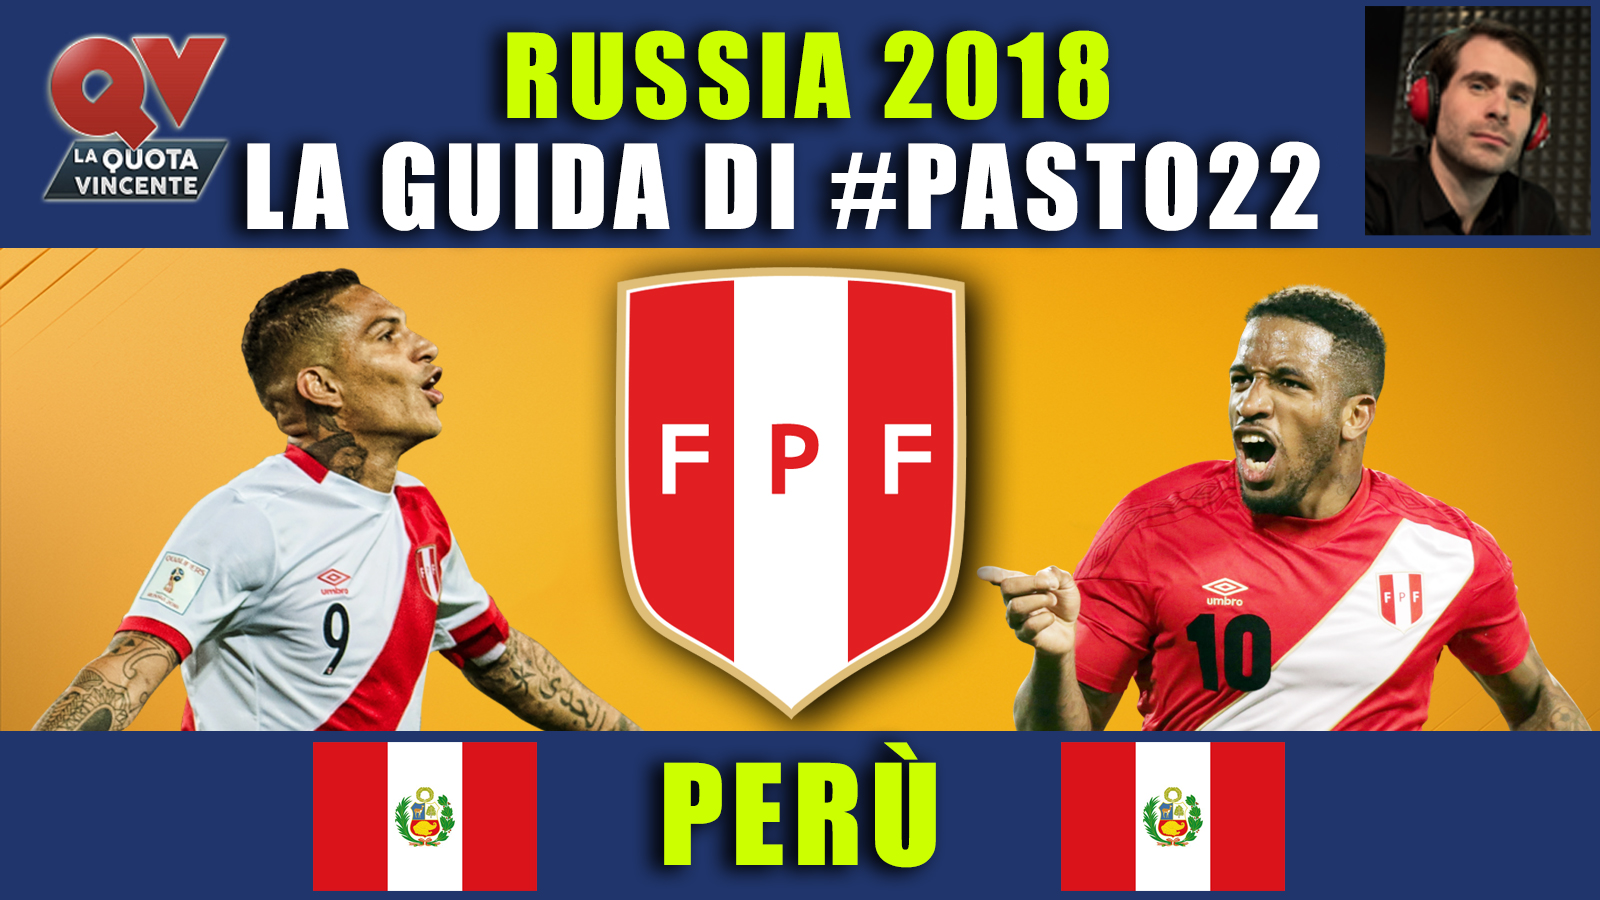 Guida Mondiali Russia 2018 Perù: convocati, quote, calendario, news